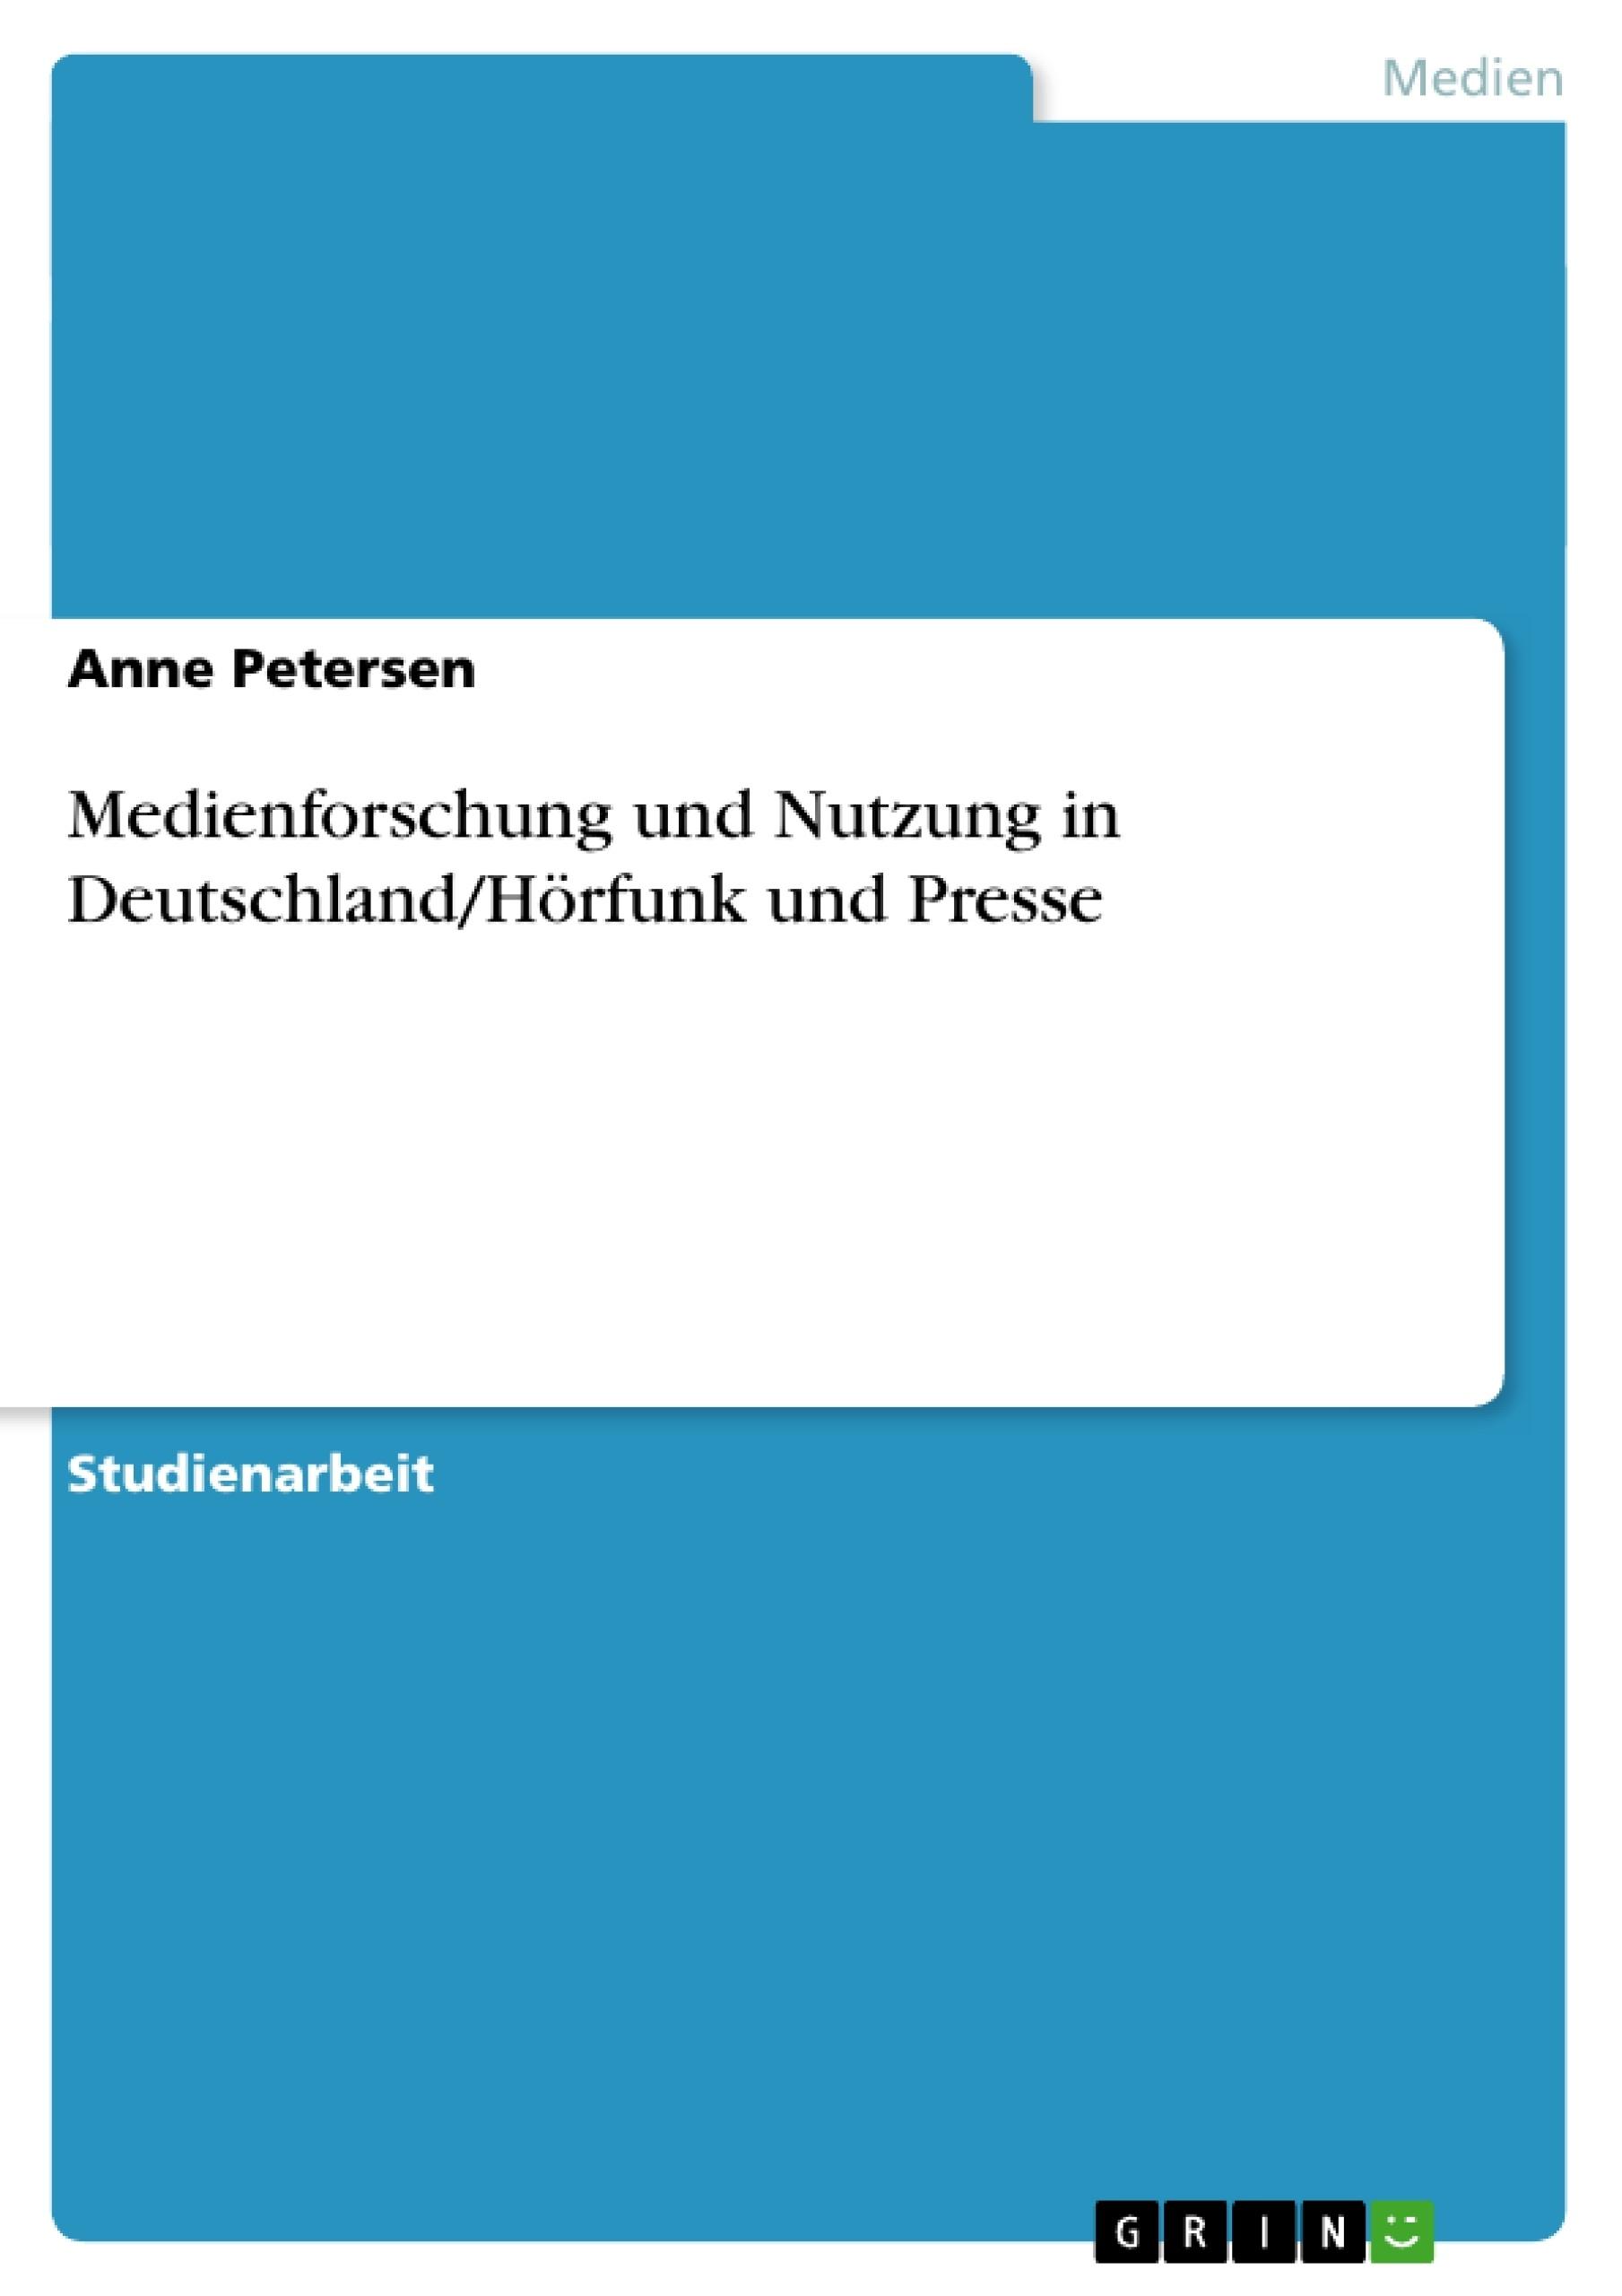 Titel: Medienforschung und Nutzung in Deutschland/Hörfunk und Presse